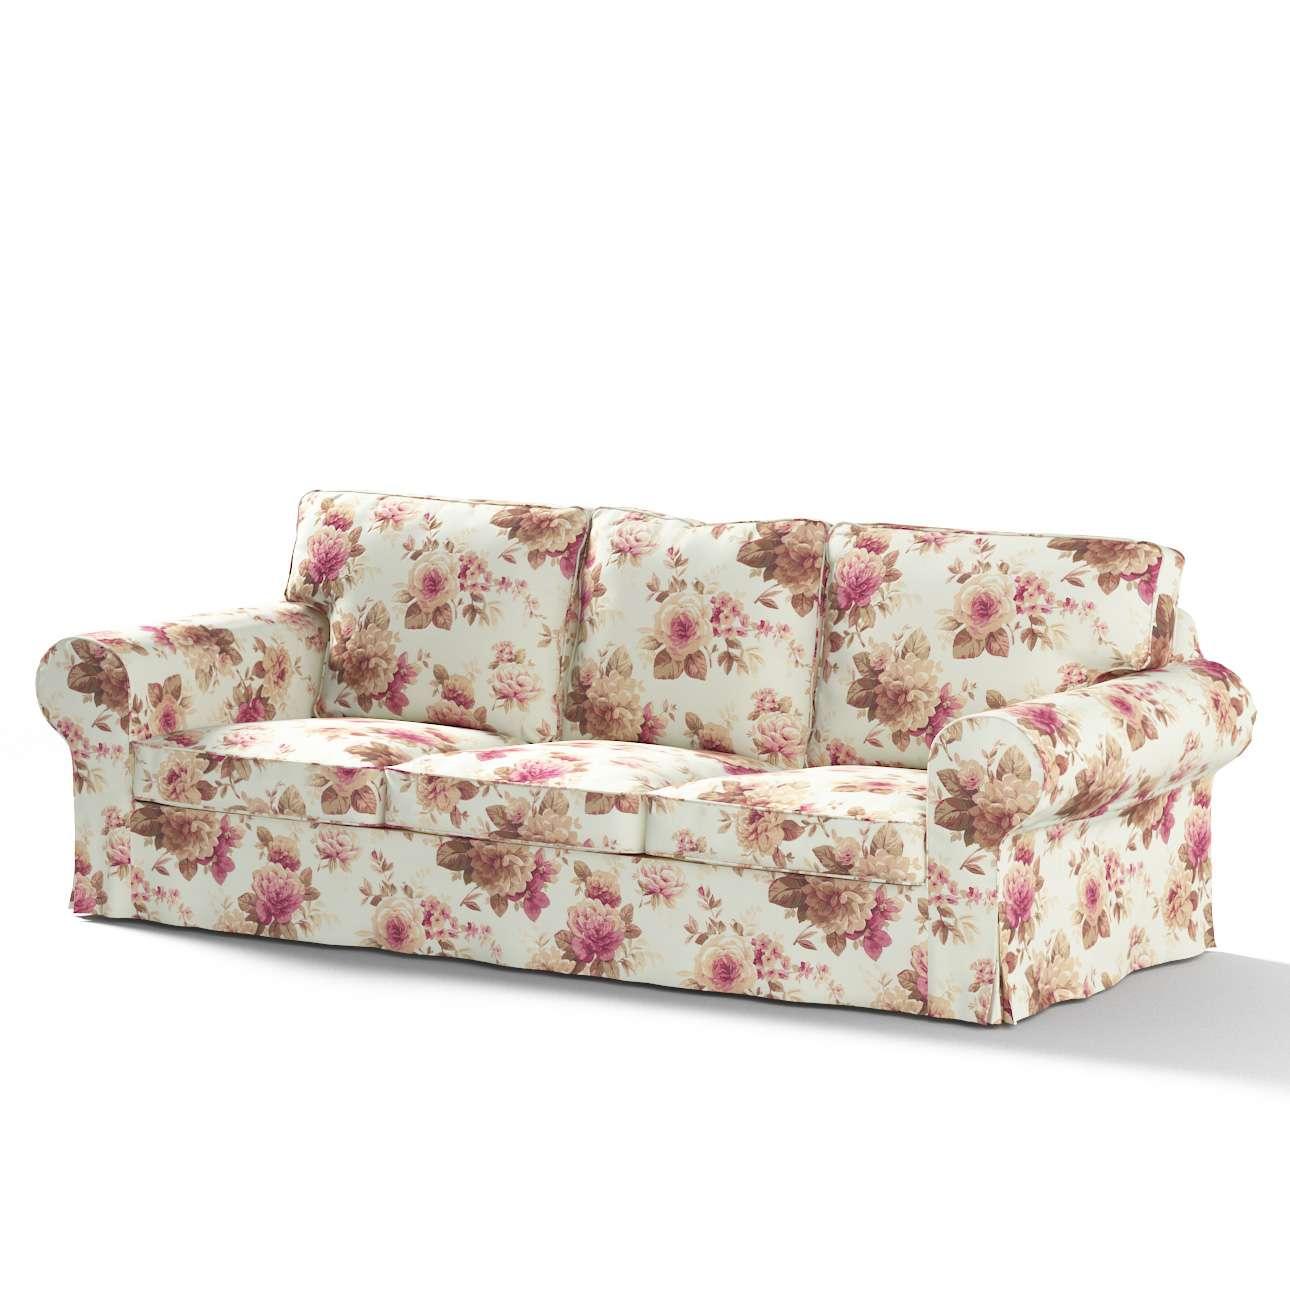 Pokrowiec na sofę Ektorp 3-osobową, rozkładaną STARY MODEL Sofa Ektorp 3-osobowa rozkładana w kolekcji Mirella, tkanina: 141-06